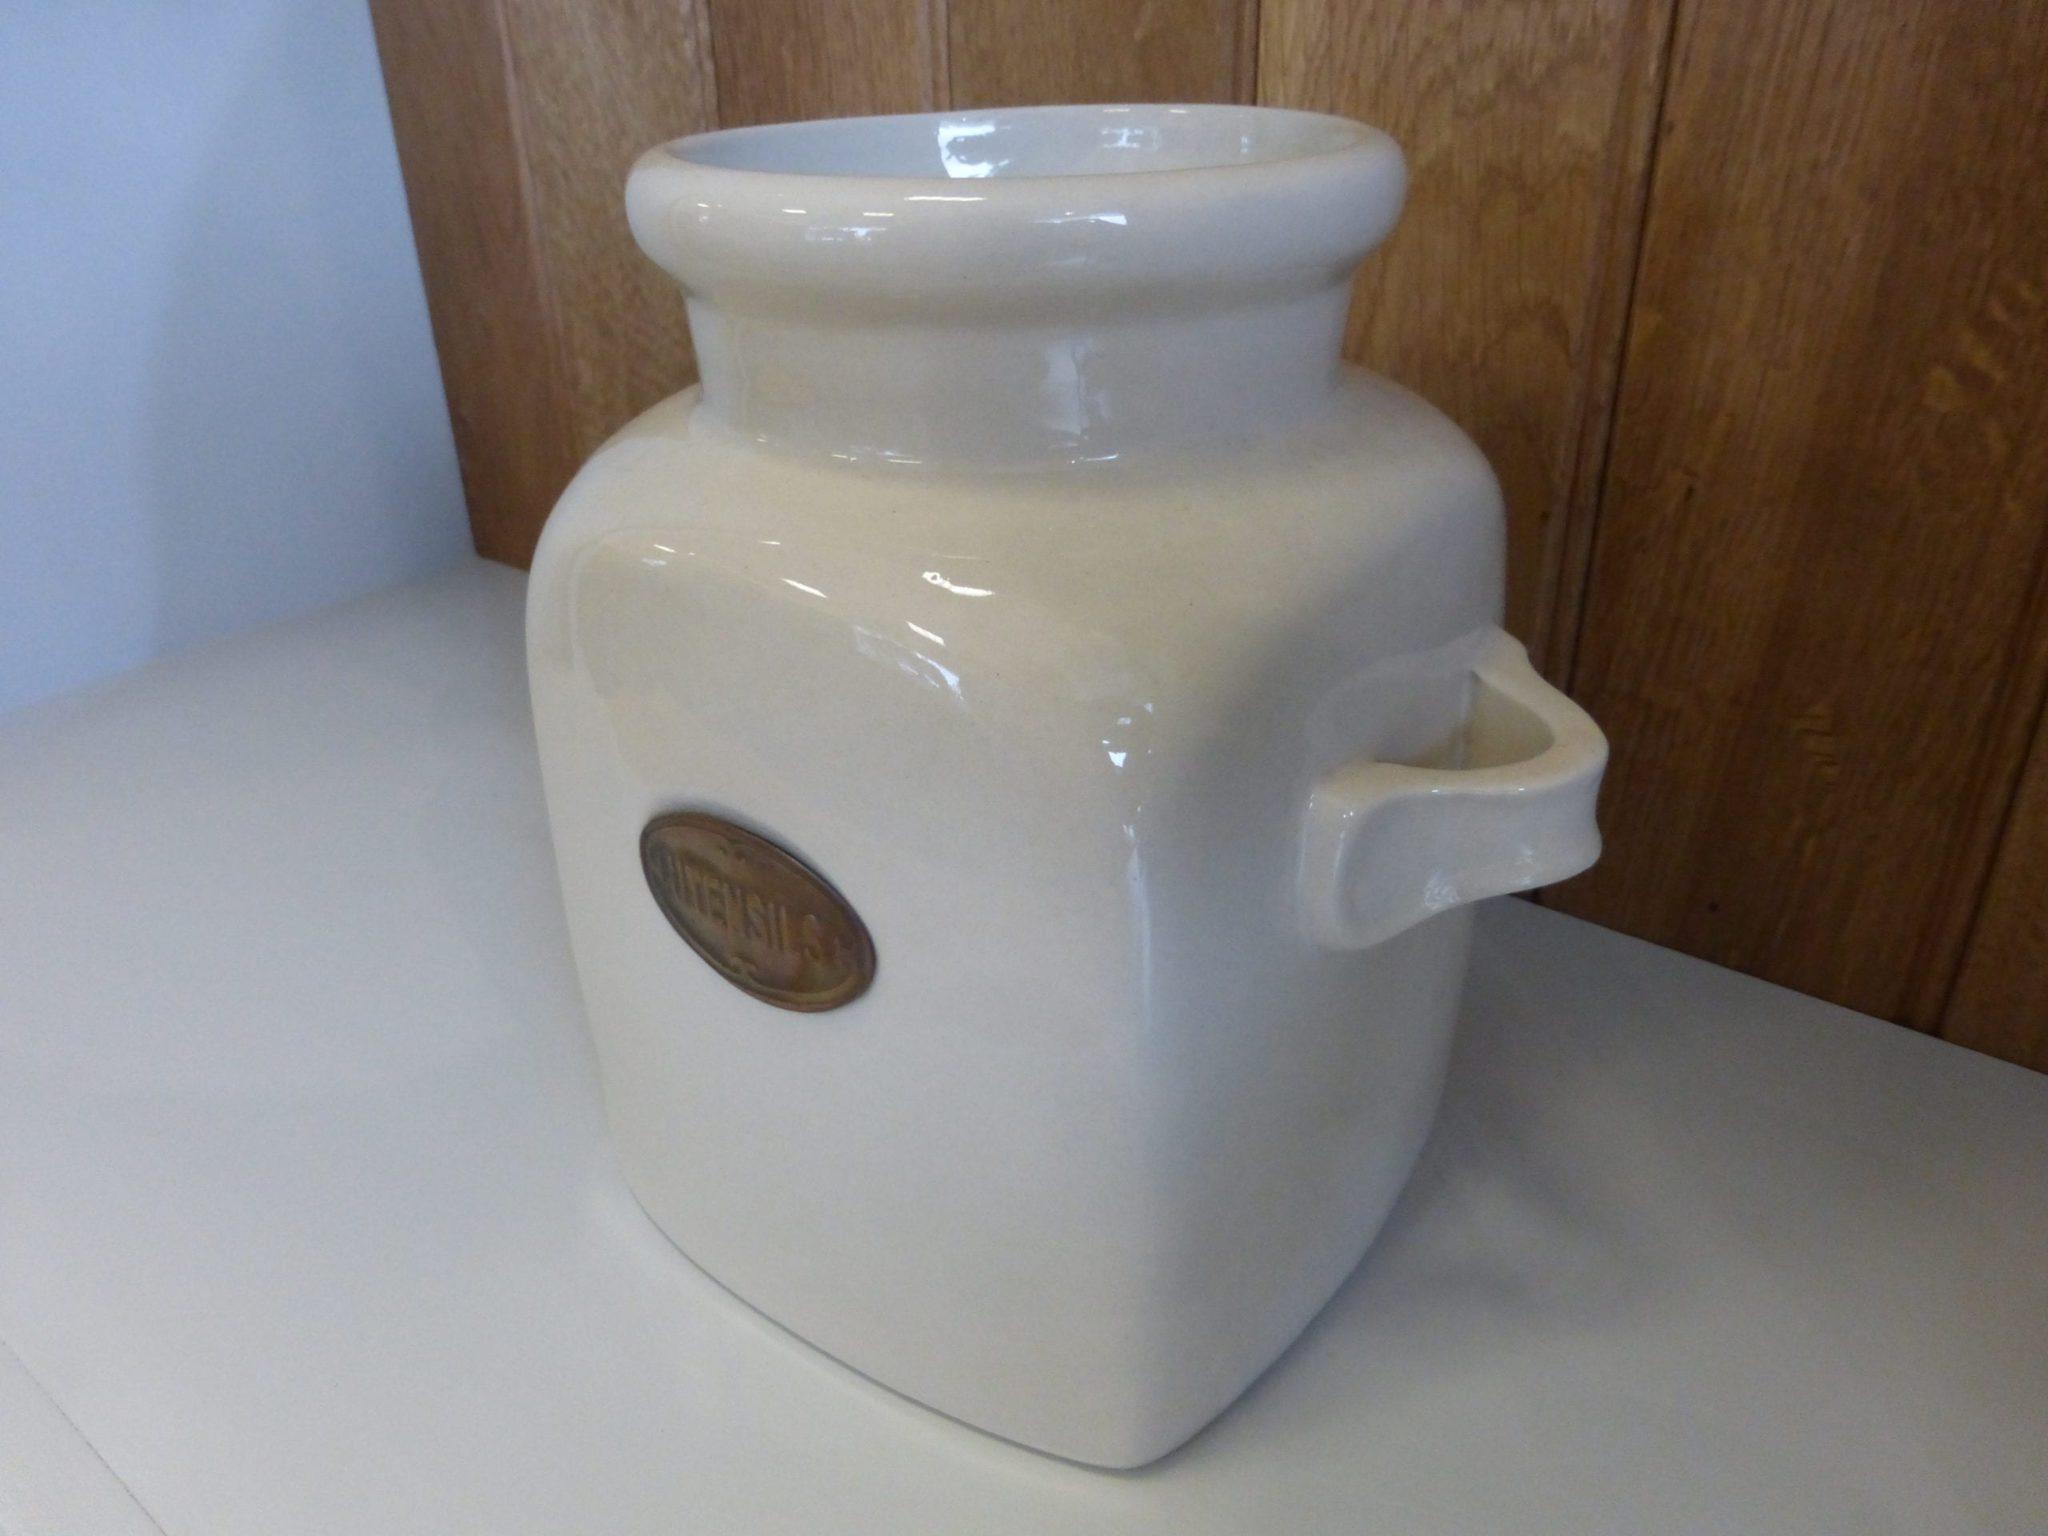 Utensil Jar side view of cream ceramic jar